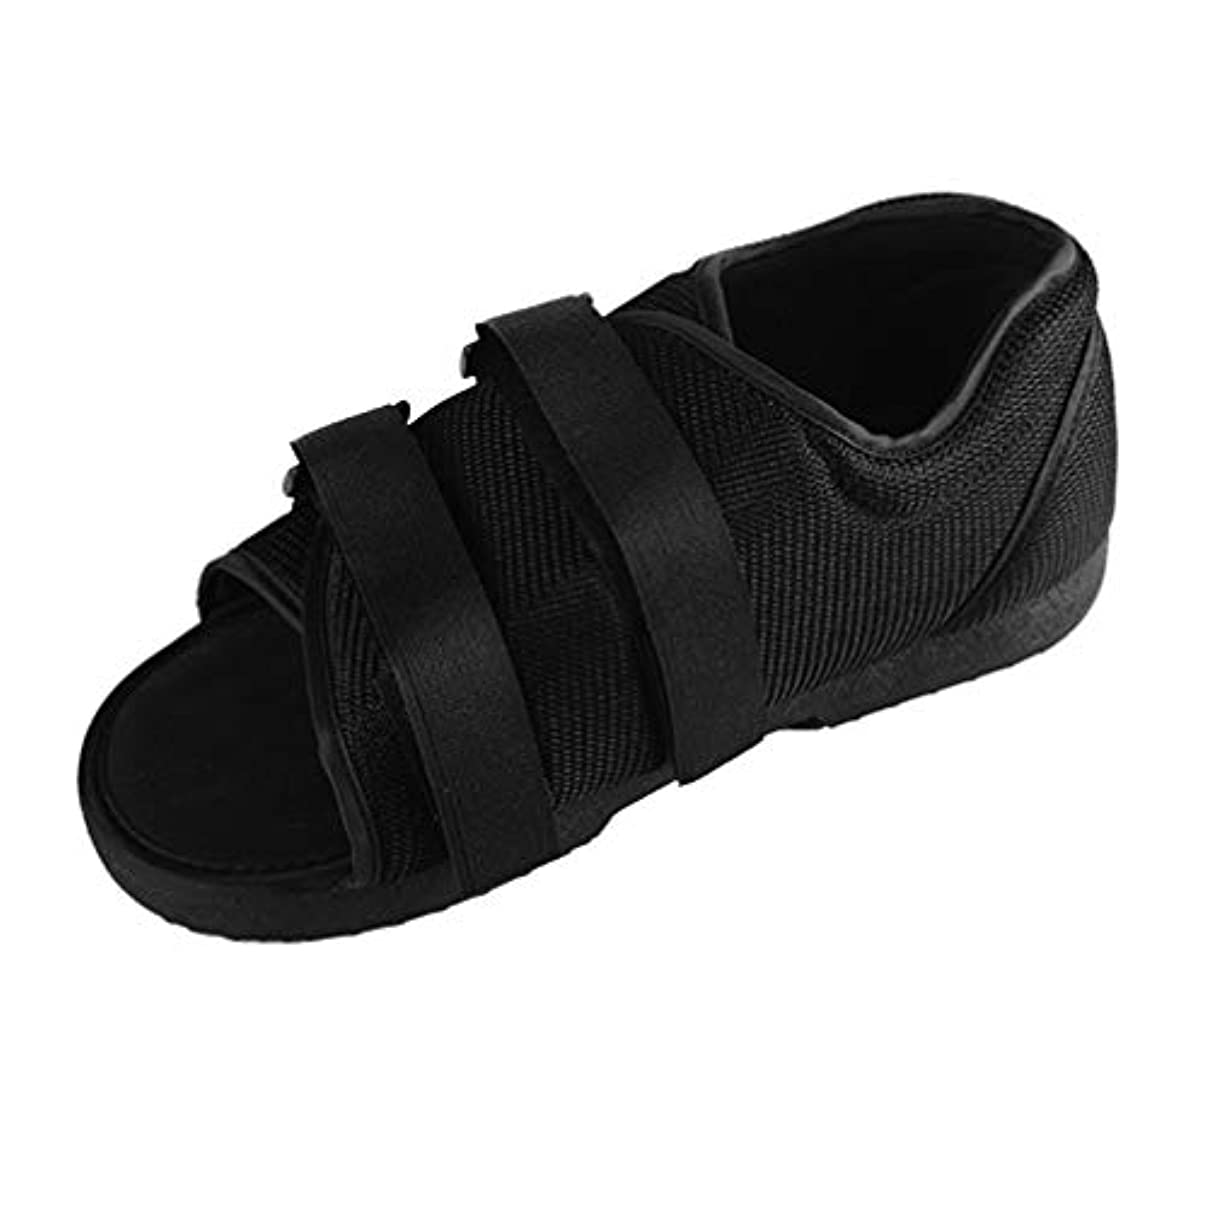 共和党魅了する悔い改めHealifty 手術後の靴メディカルウォーキングシューズ調節可能なストラップ怪我変形親指外反靴足の骨折患者(wm黒)